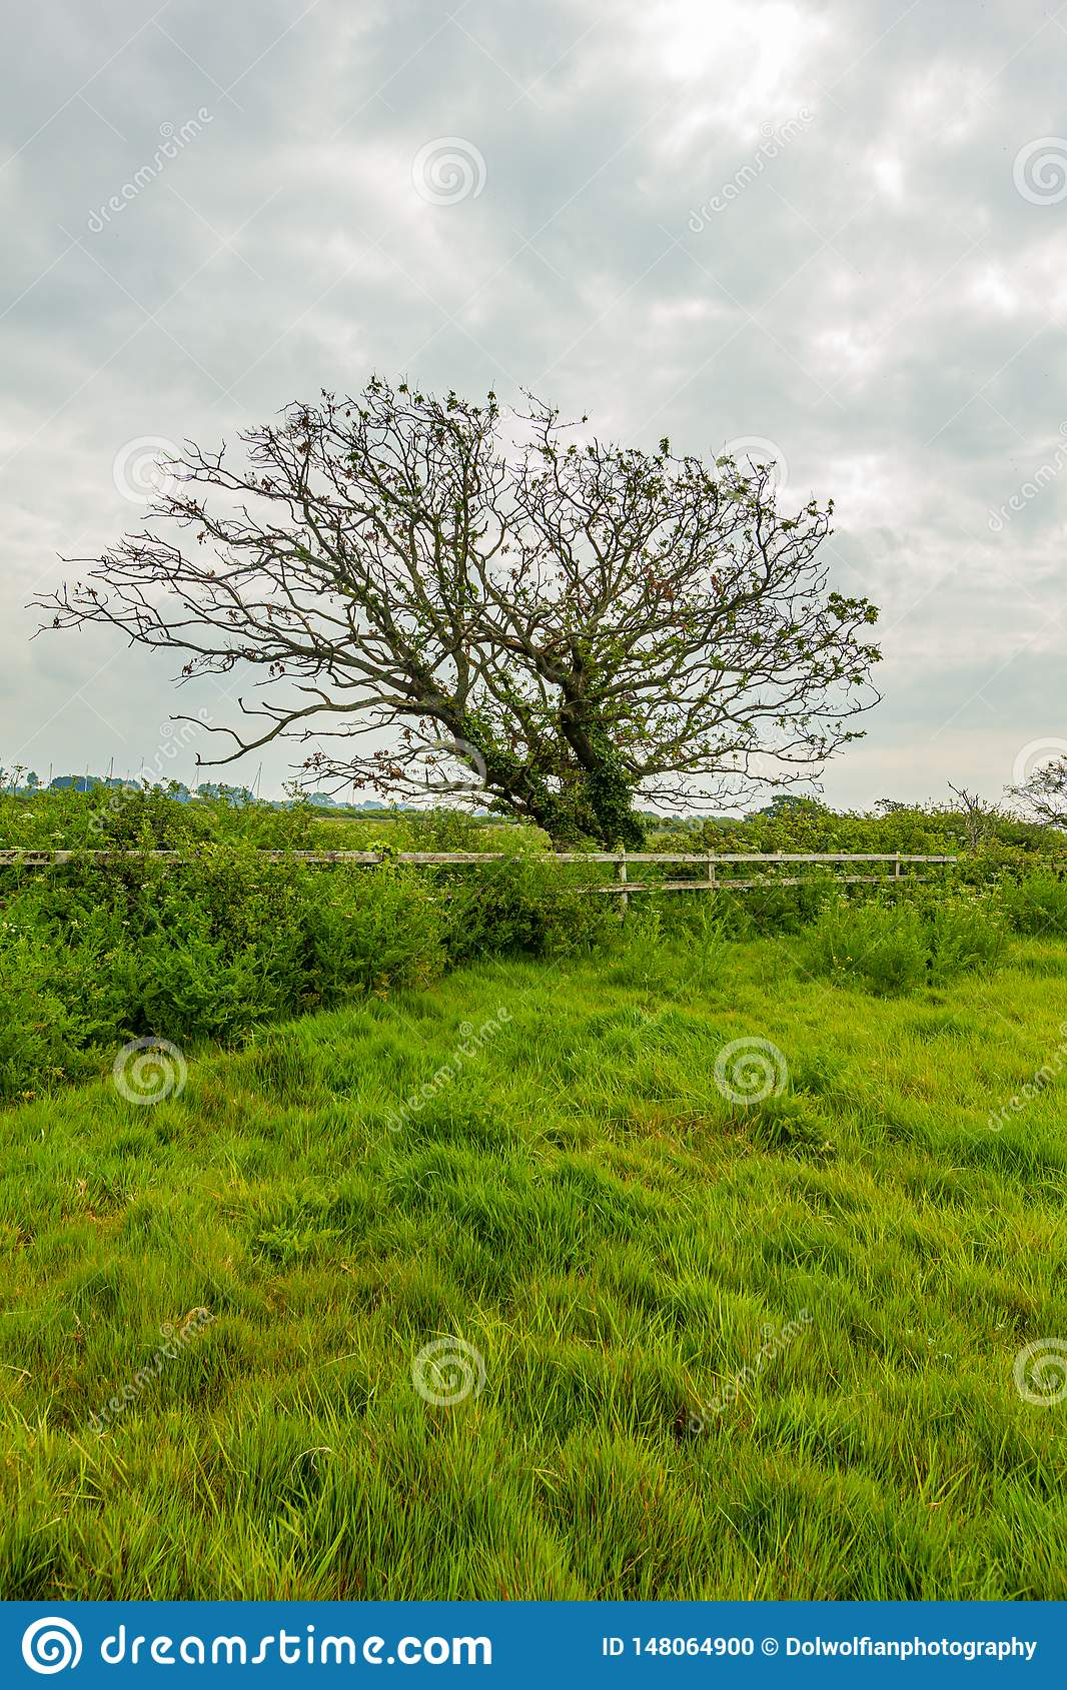 Eine Ansicht eines Blütenbaums entlang einem Bretterzaun mit Gras und grüner Vegetation unter einem weißen bewölkten Himmel